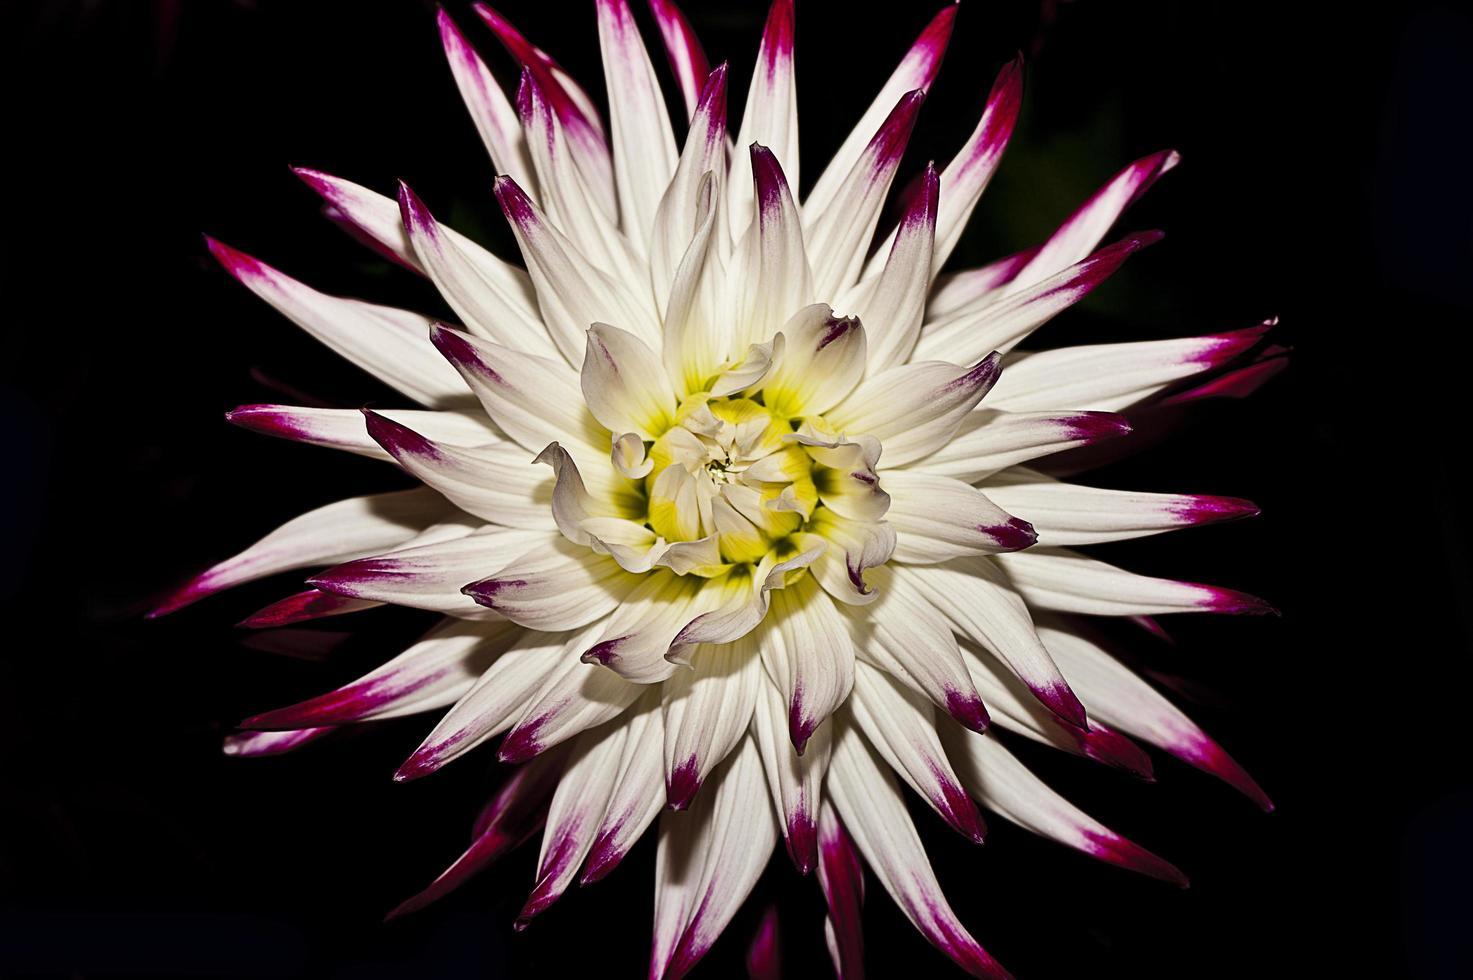 fiore bianco e viola foto